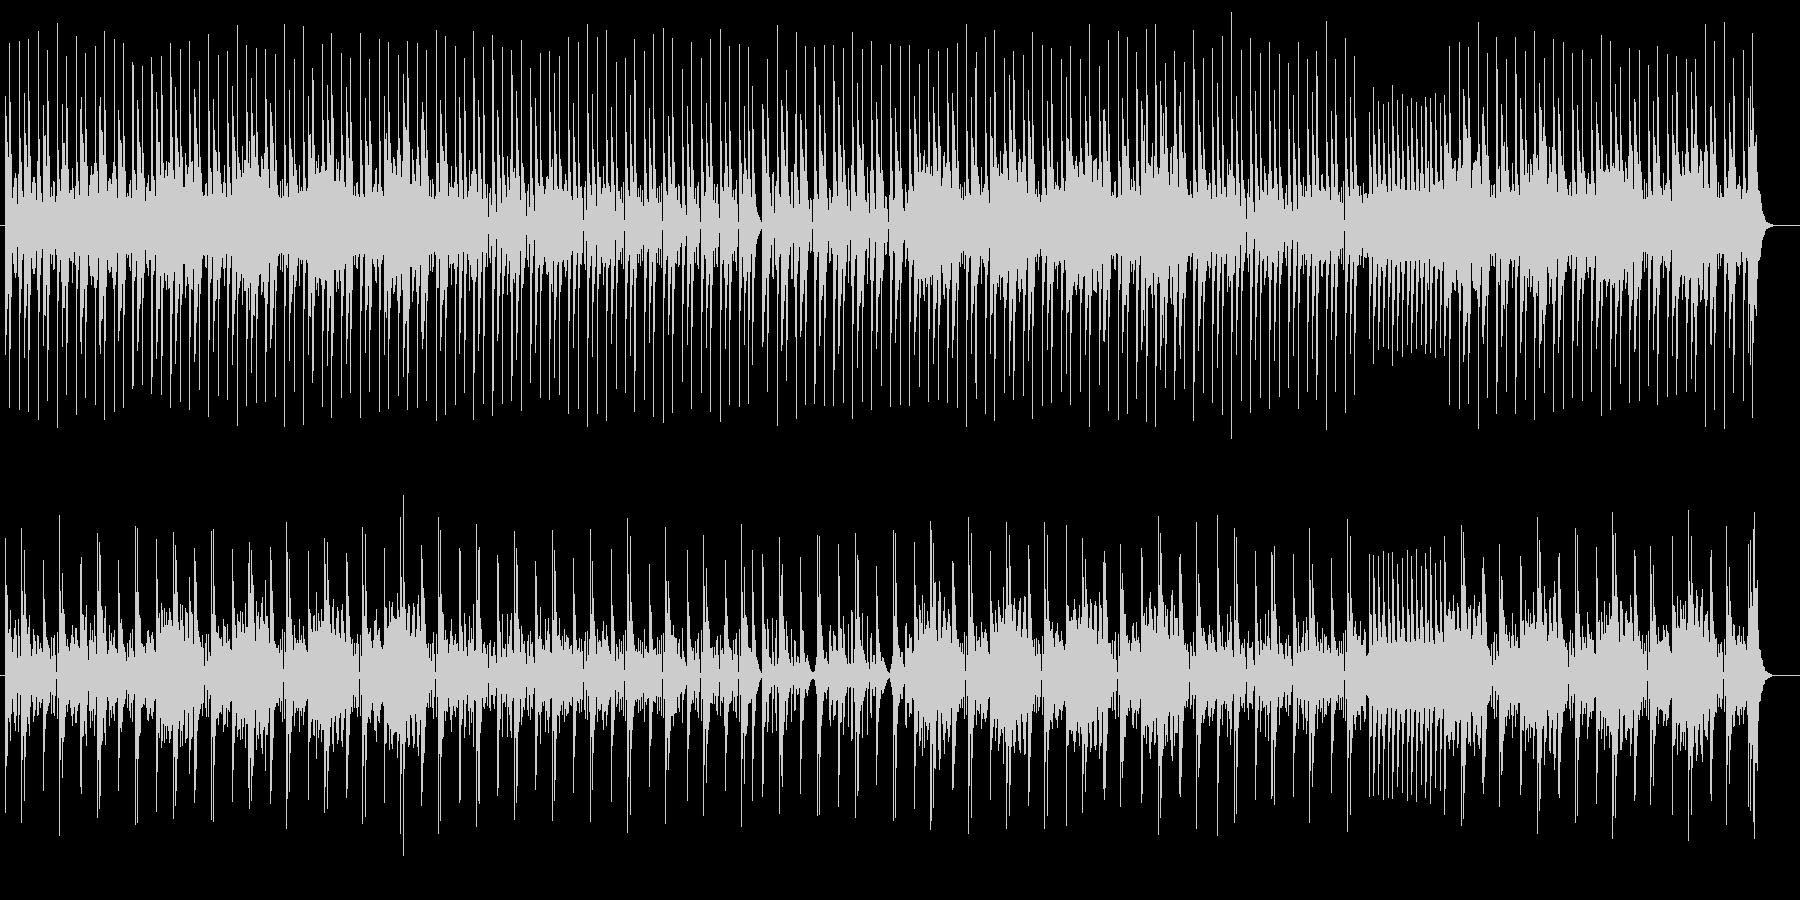 躍動感あるリズムの電子音の未再生の波形